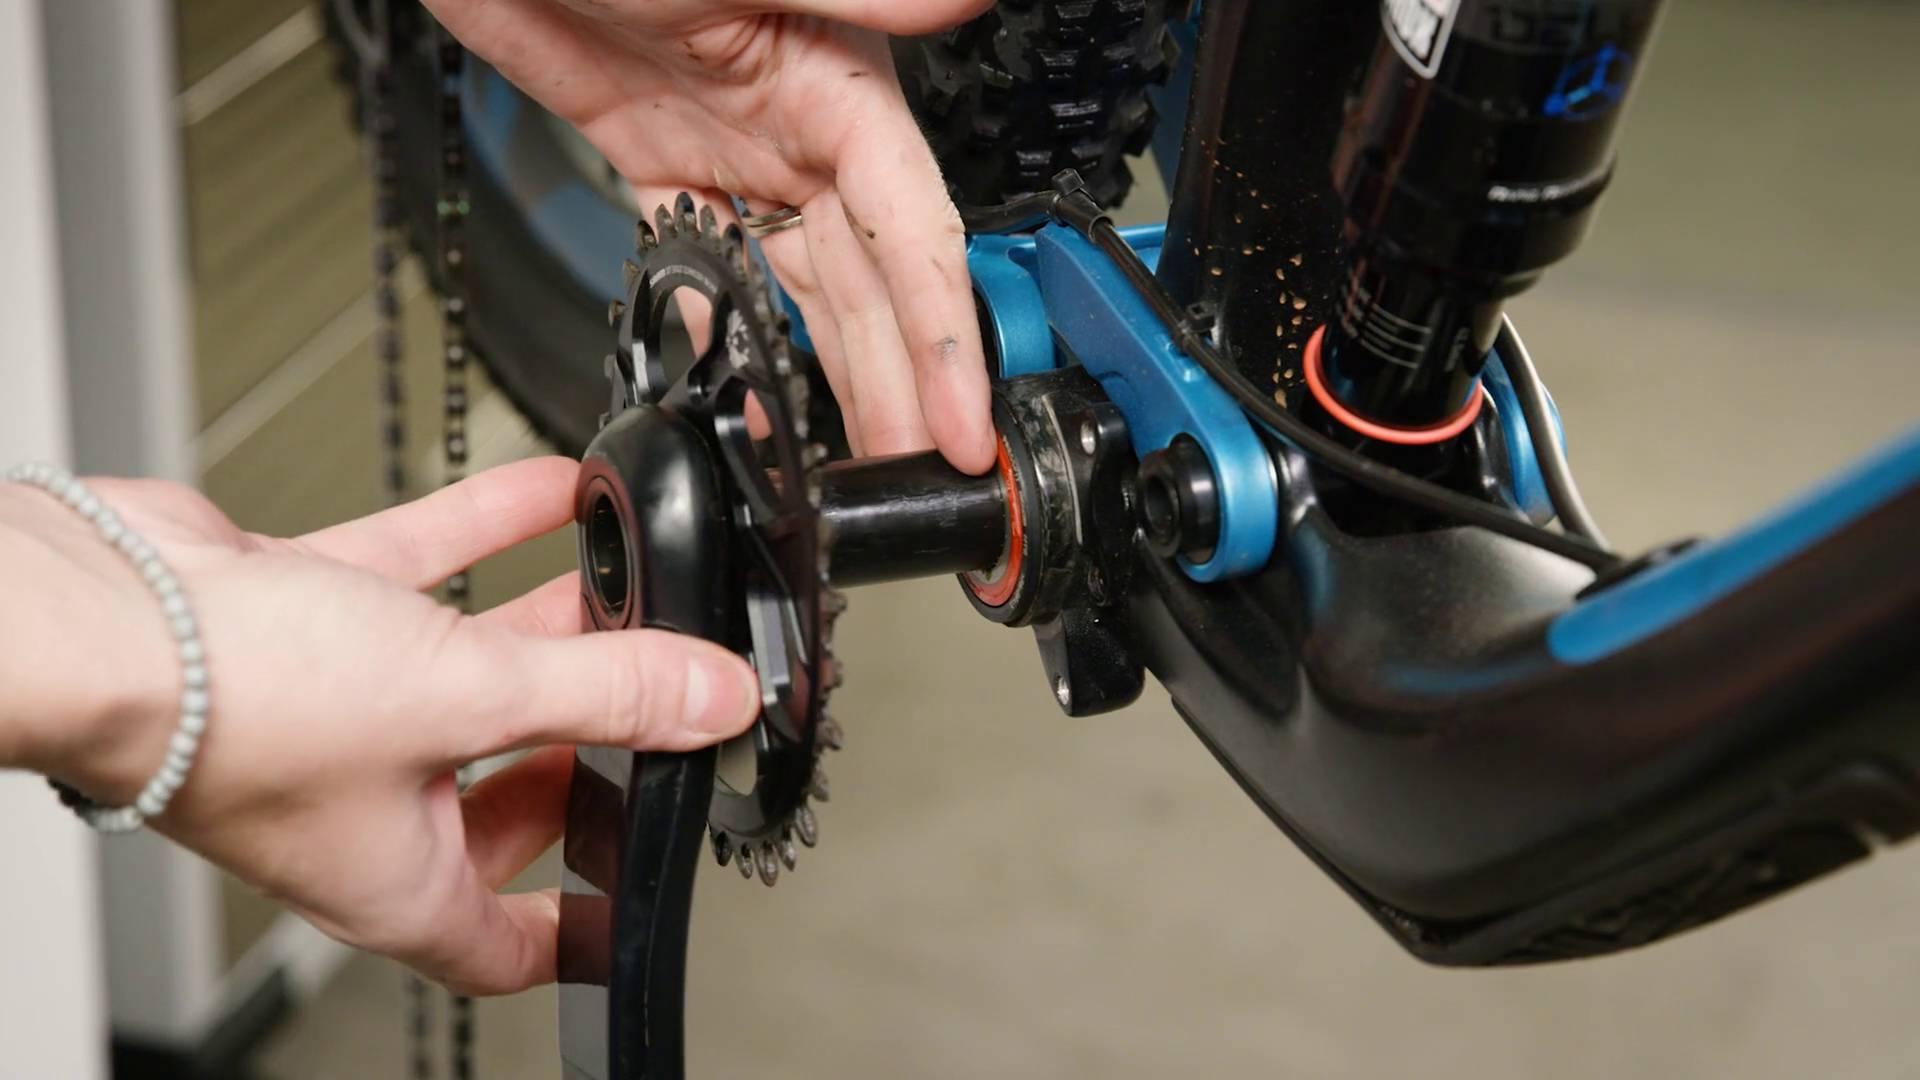 Repair Headset Bearings Bike Bearing Bearing Mountain Bicycle Headset Bearing ..